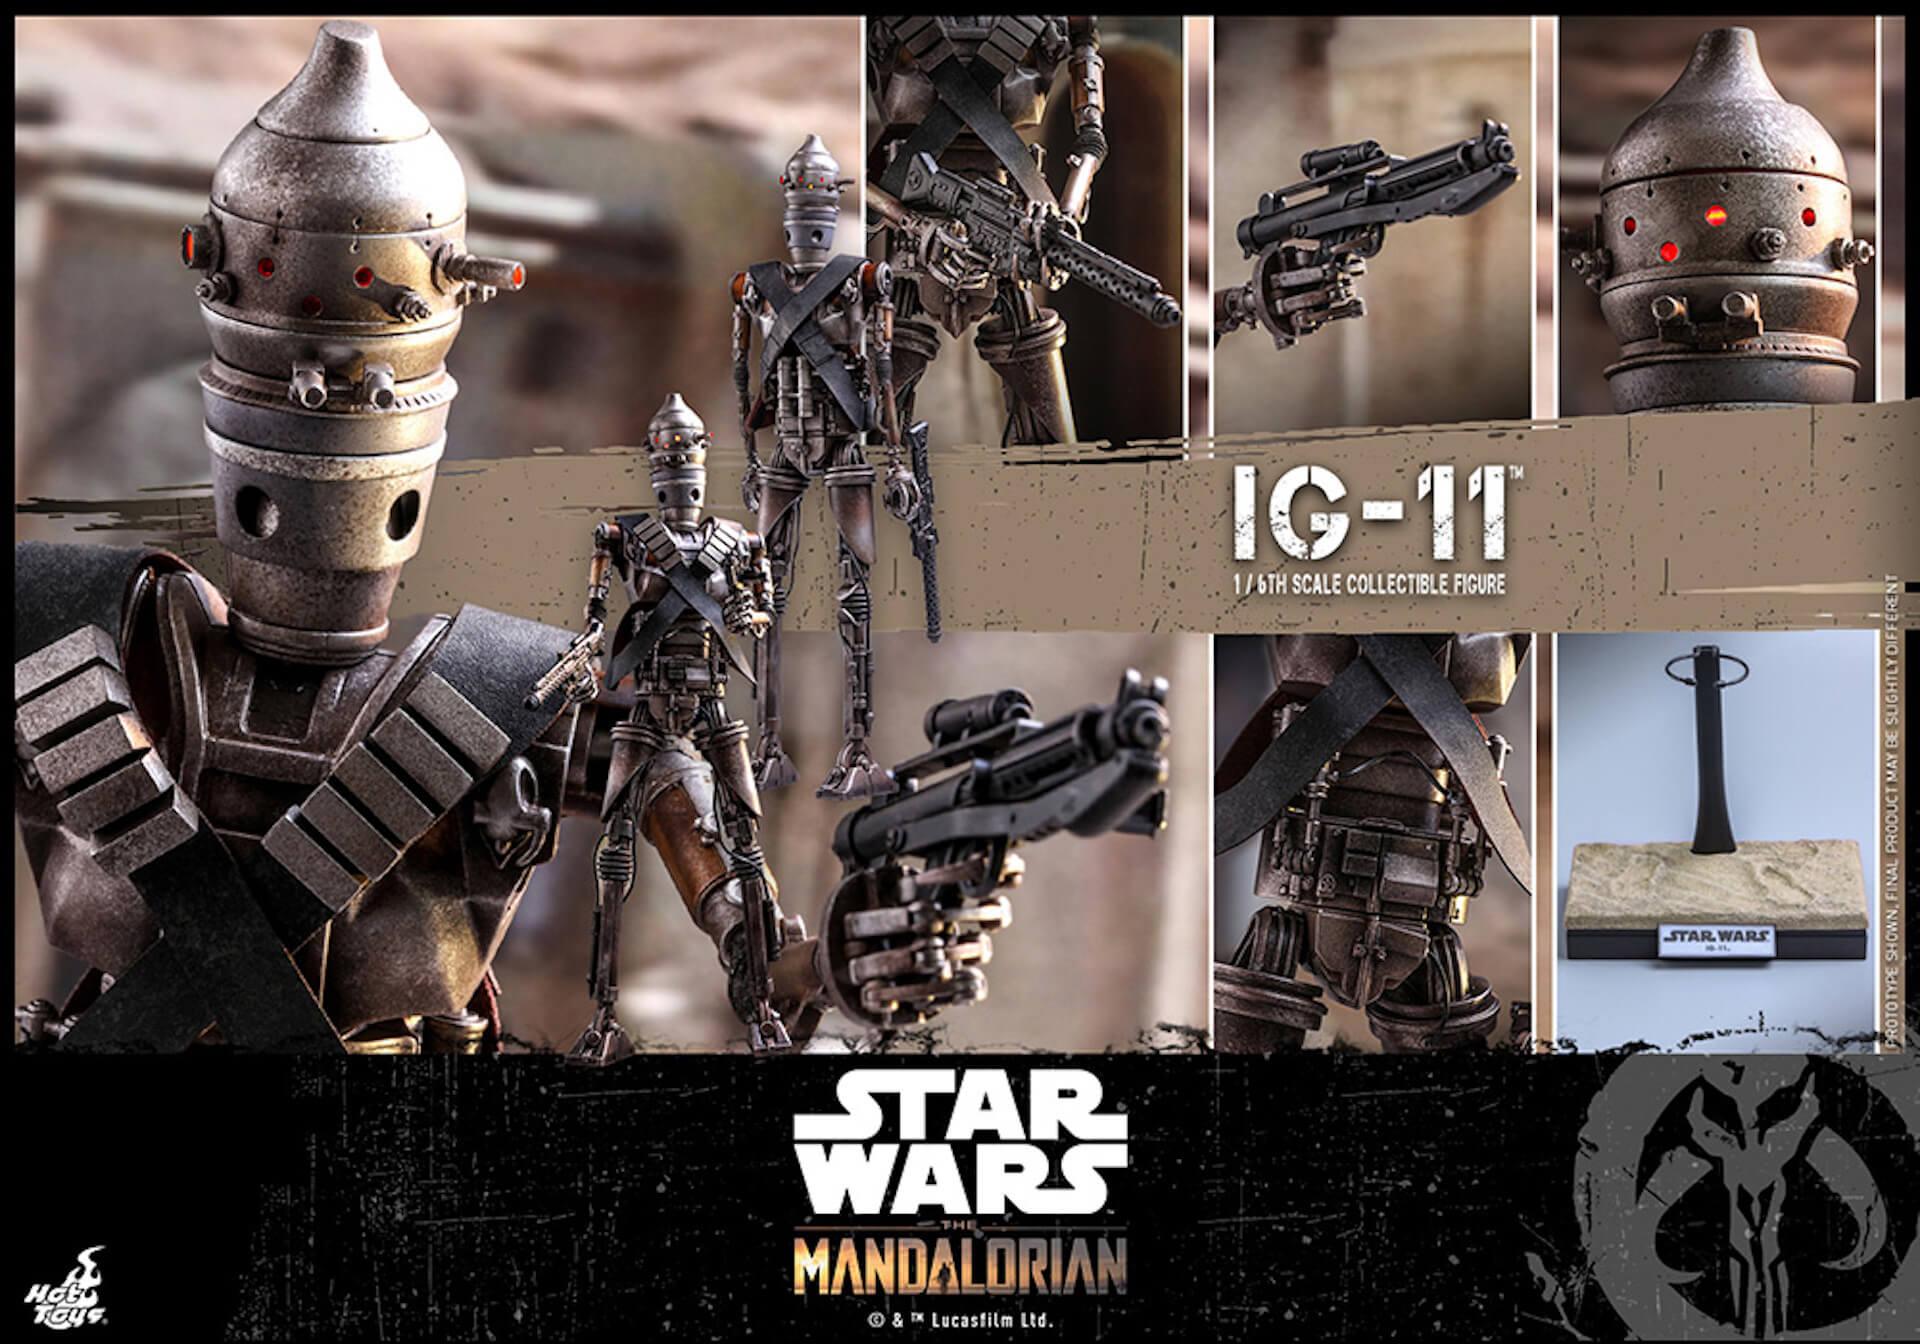 「スター・ウォーズ」テレビシリーズ『ザ・マンダロリアン』からマンダロリアン&IG-11のフィギュアがホットトイズに登場! art191010_starwars_toys_5